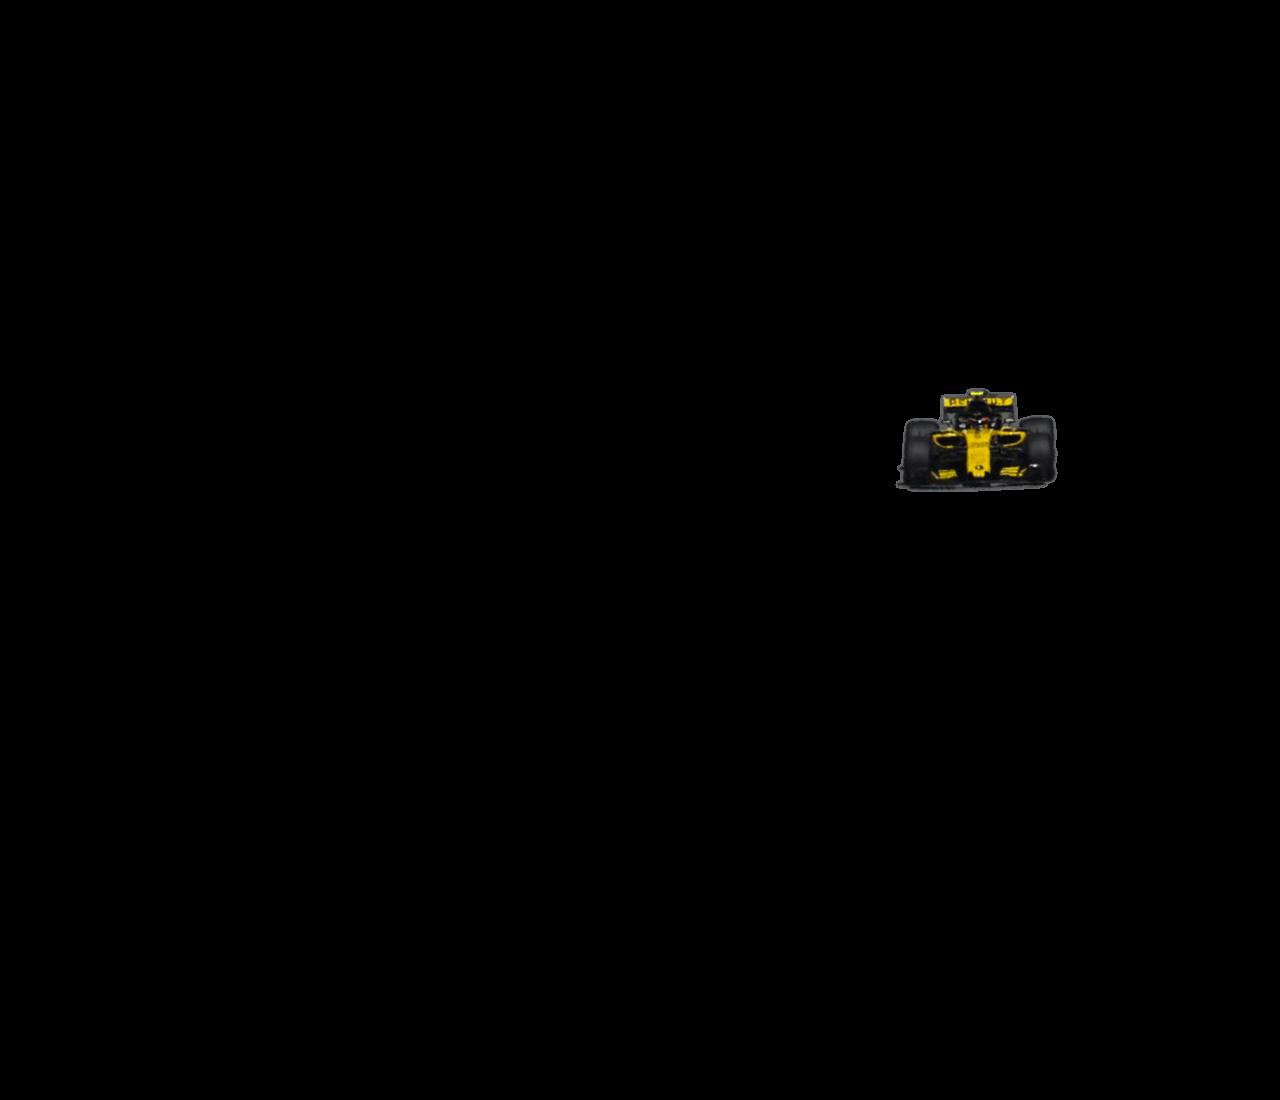 11 ° Grader risalente al 9 ° Grader